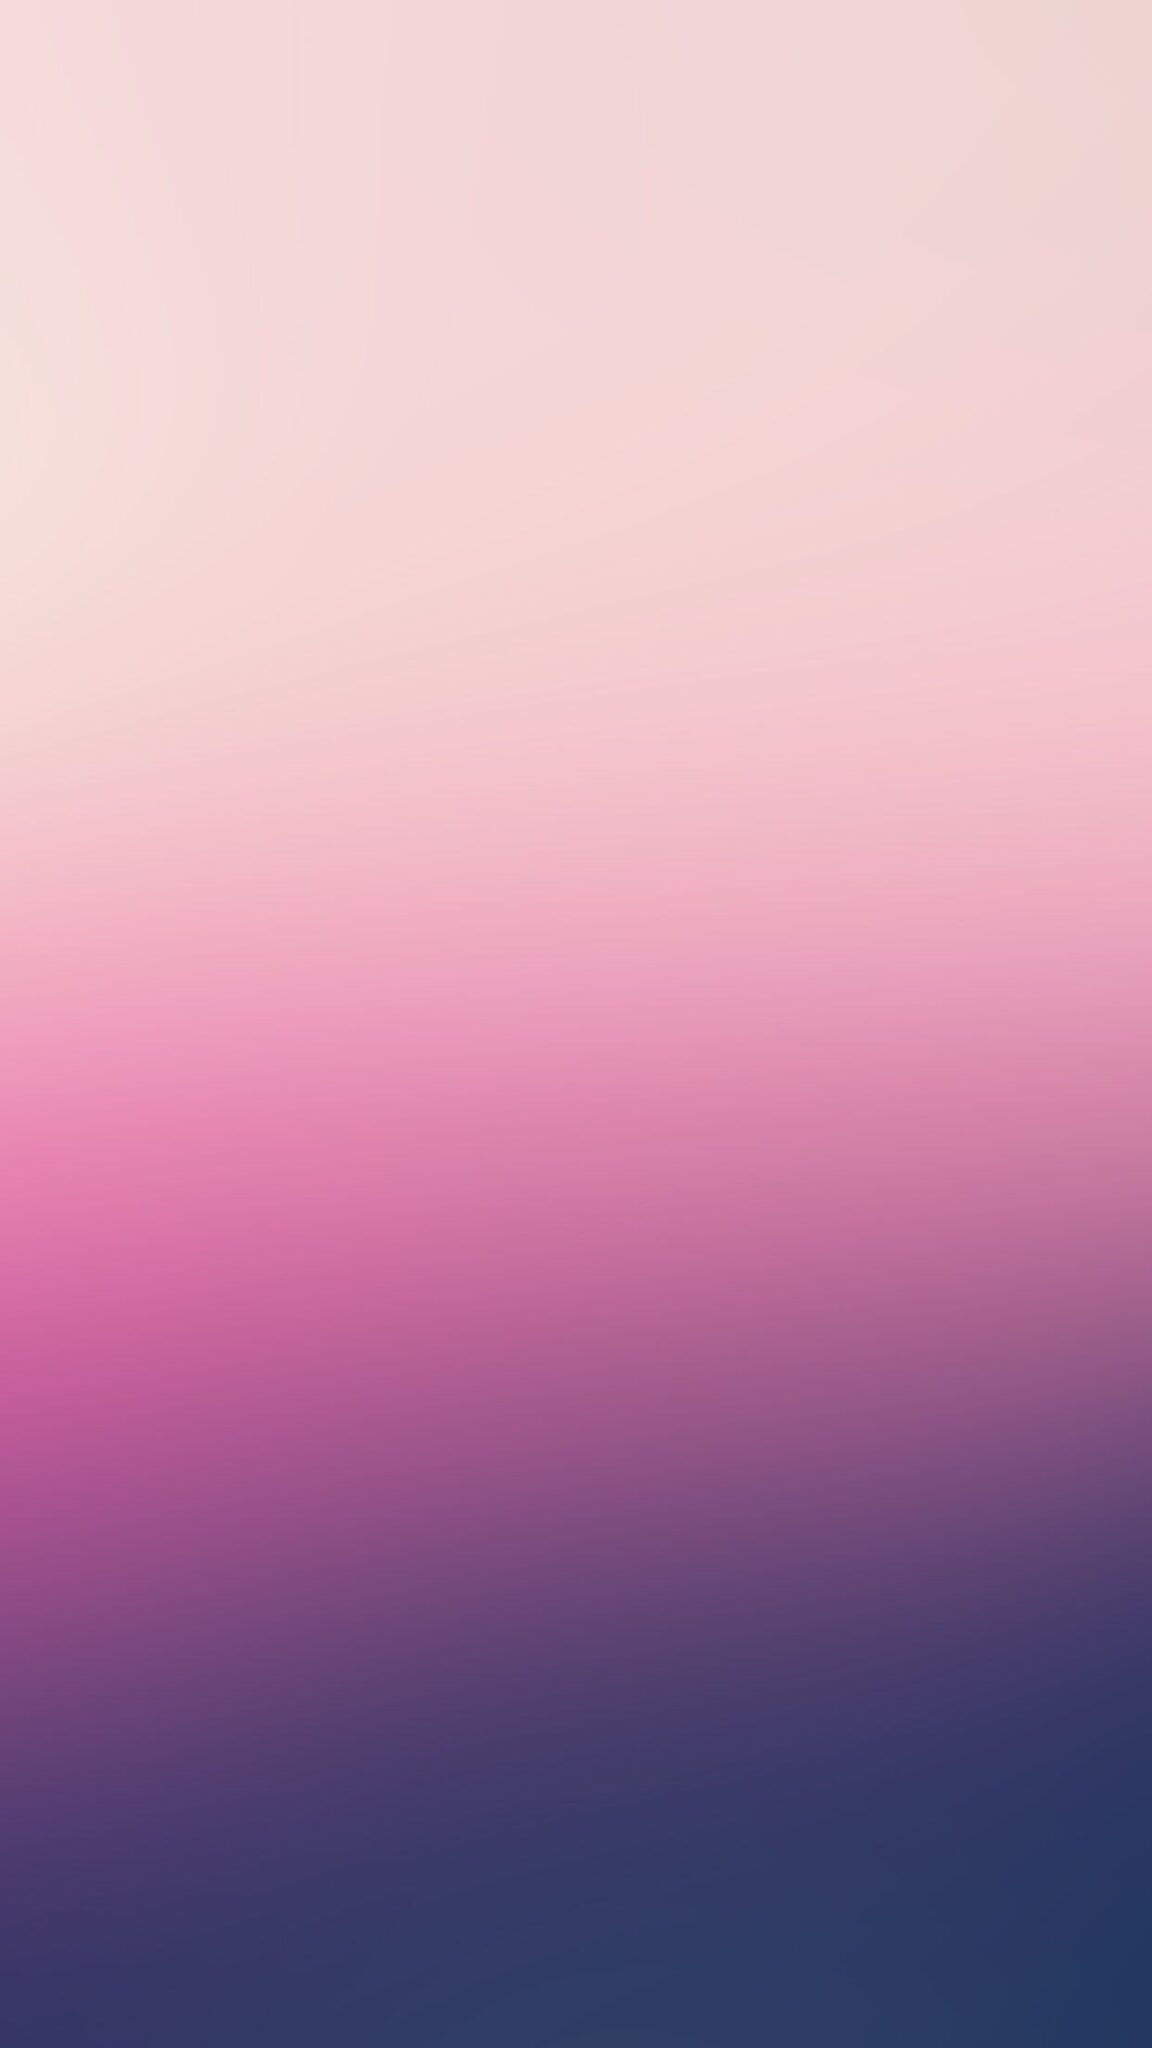 Rose Floute Fond D Ecran Android Hd Droidsoft